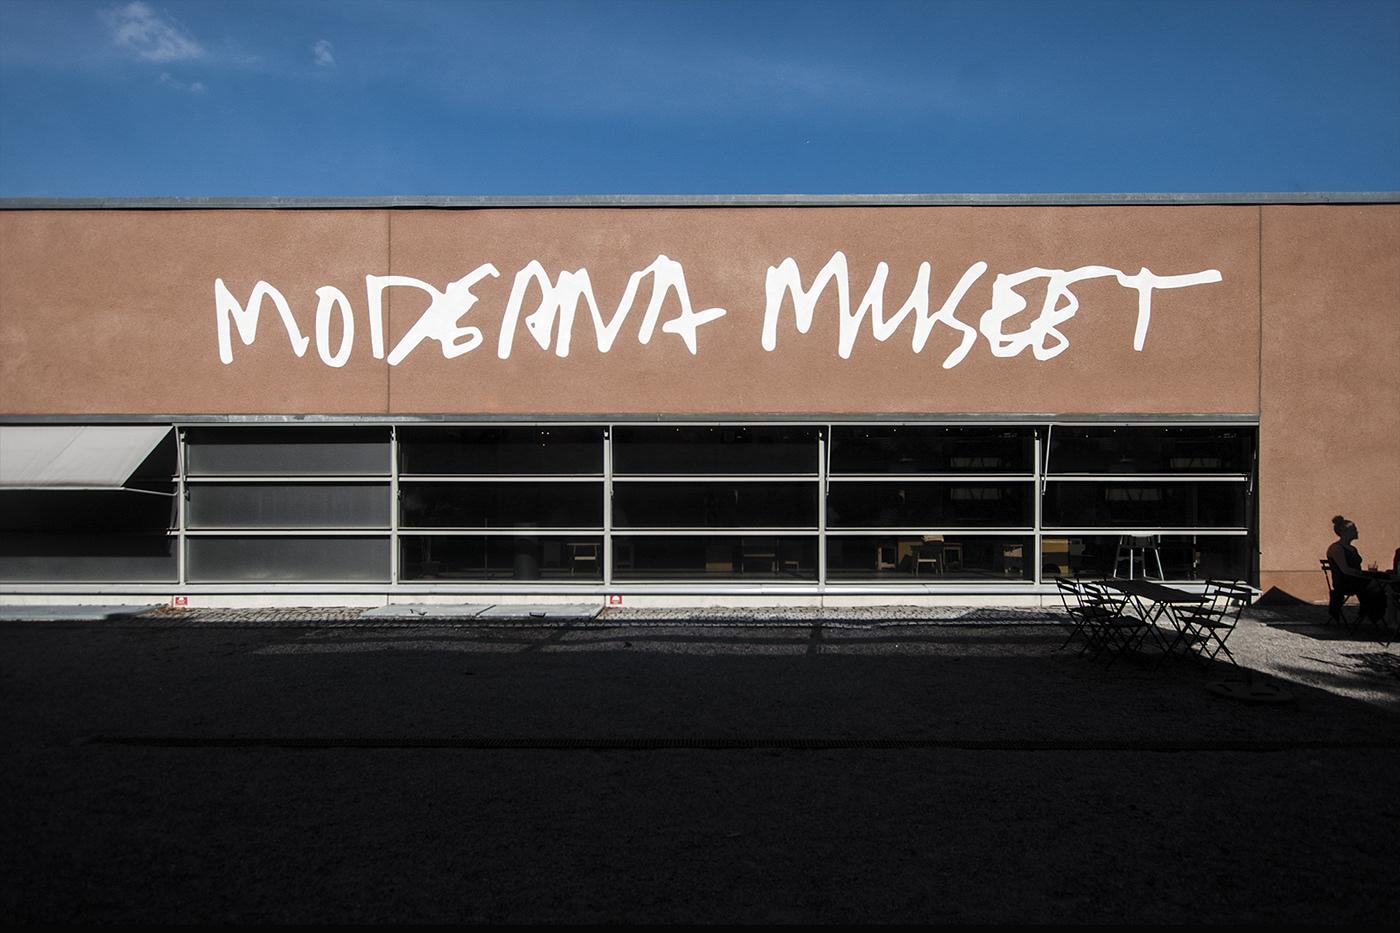 Moderna Museet on Behance